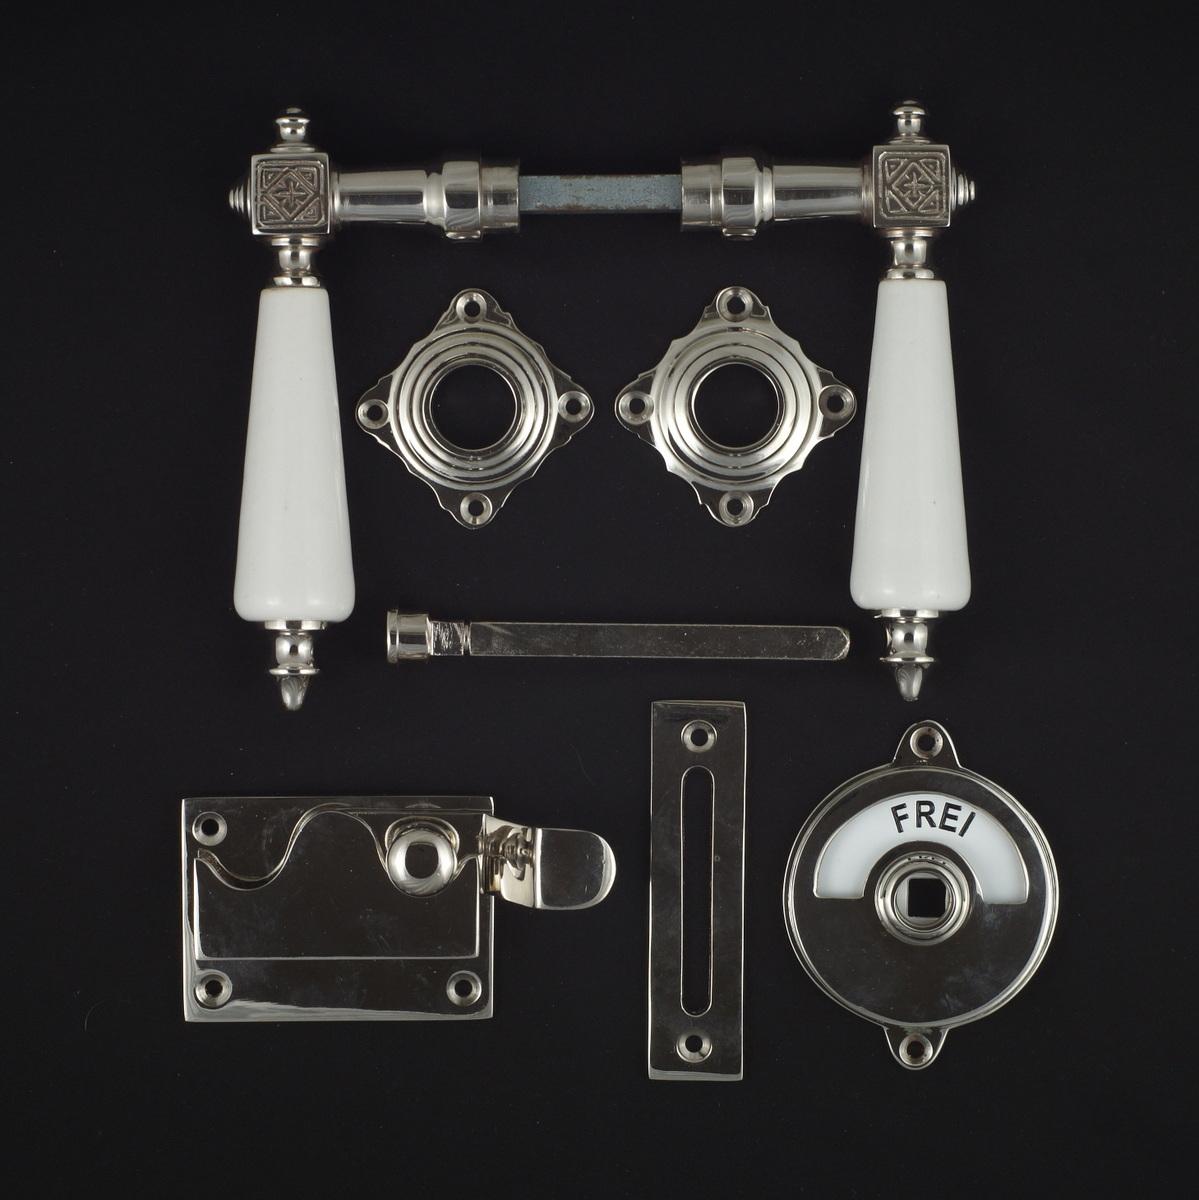 341.0256.10 WC-Zimmertür Rosettengarnitur - antike Türdrücker, Türklinken, Türbeschläge